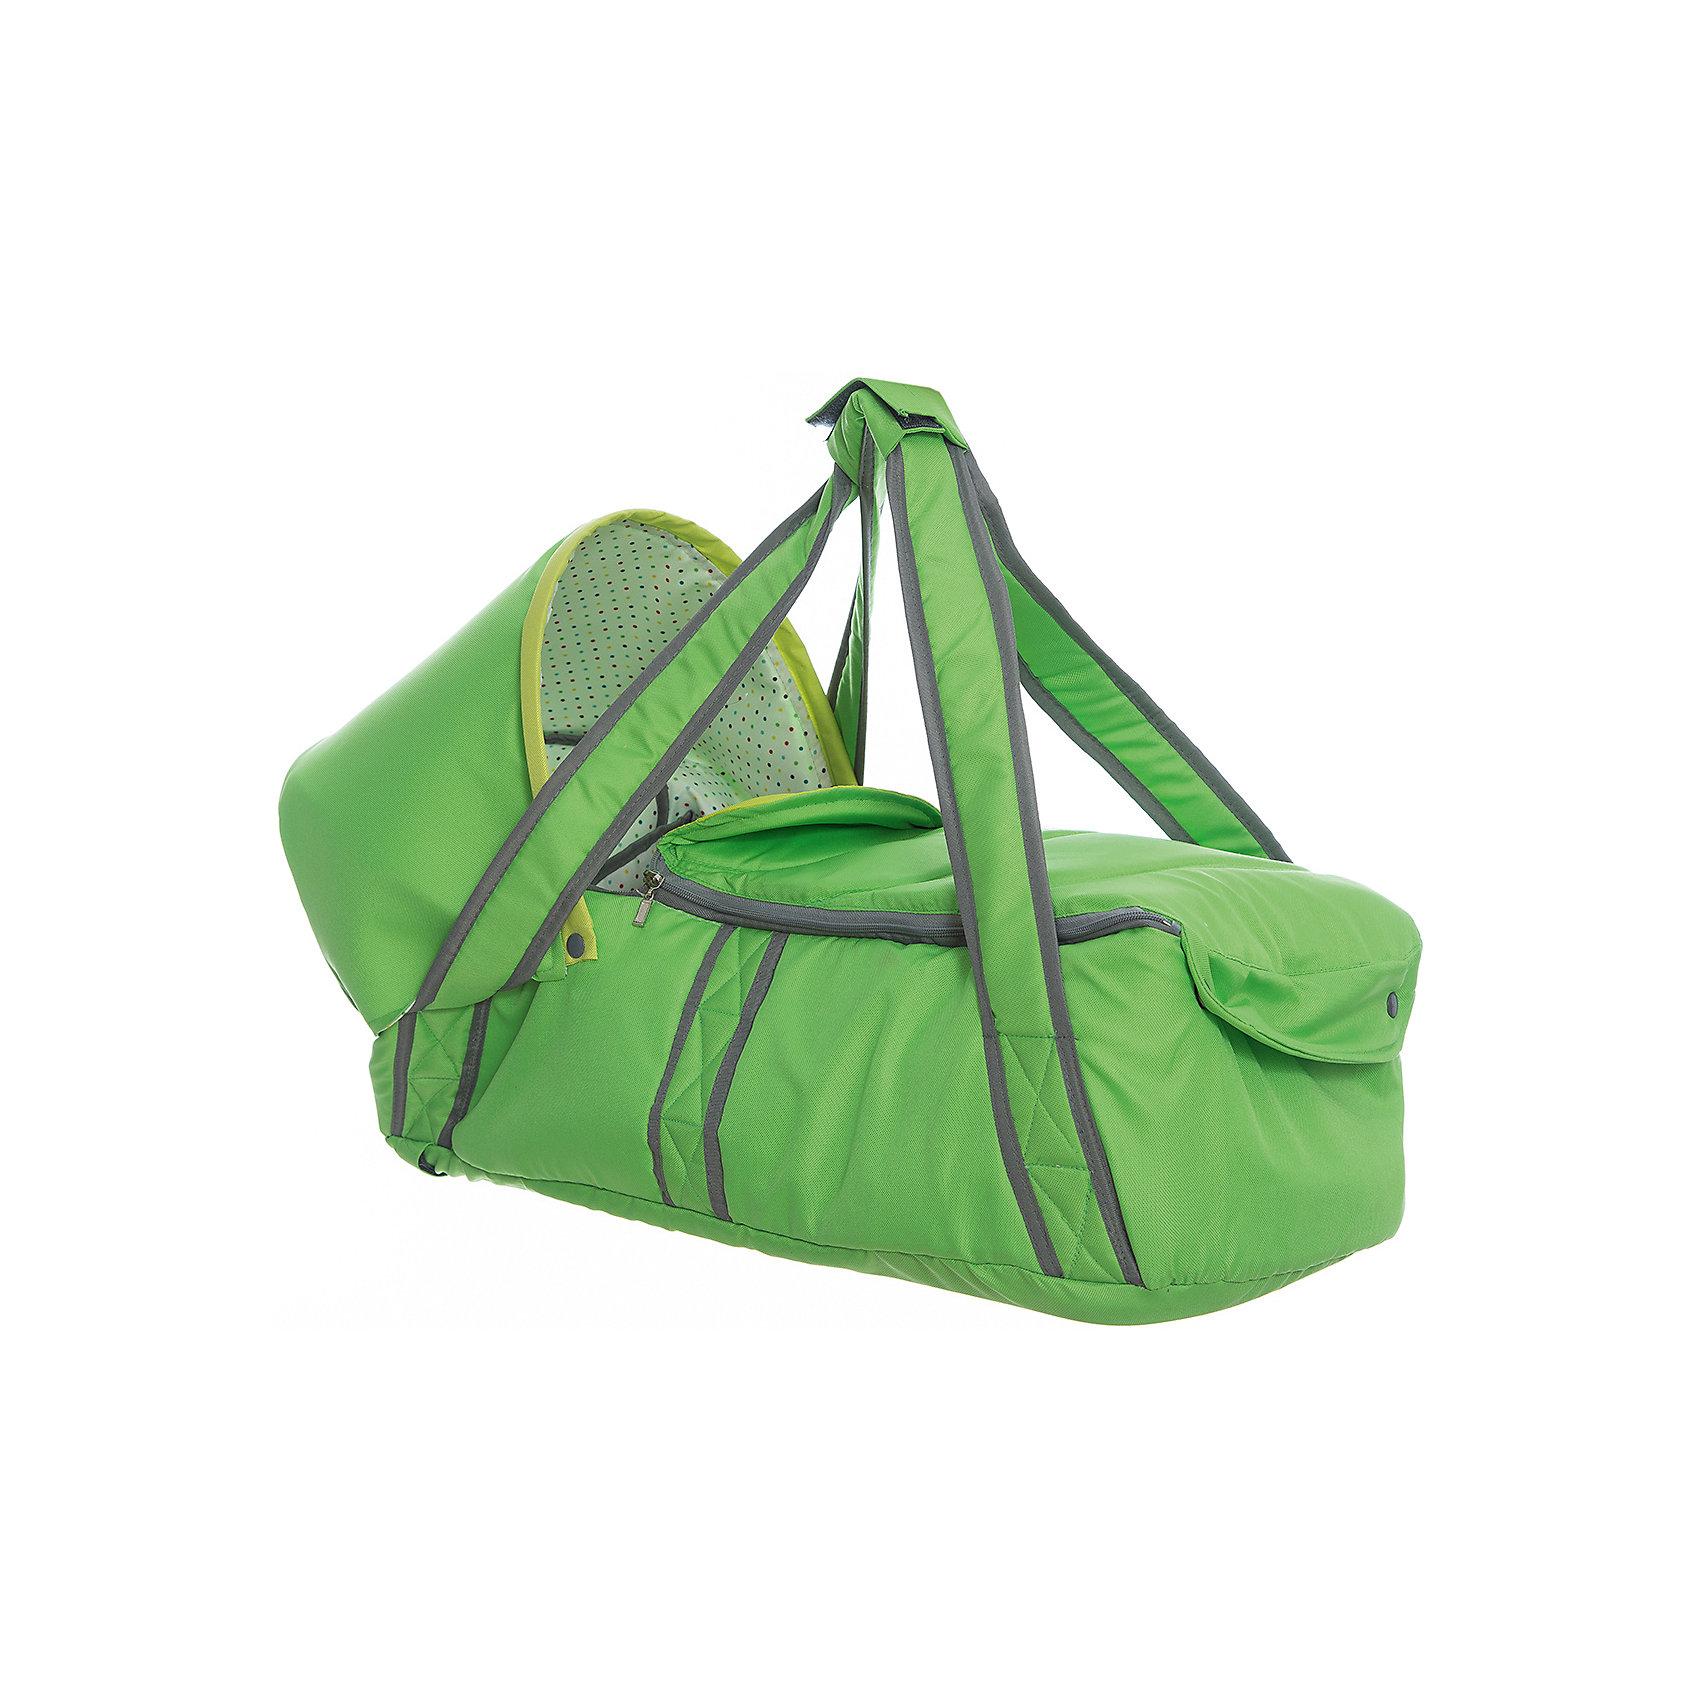 Люлька-переноска Л1, Ника, зеленыйСлинги и рюкзаки-переноски<br>Люлька-переноска Л1, Ника, зеленый – удобство и комфорт для вашего малыша.<br>Люлька имеет жесткое дно для правильного формирования позвоночника ребенка. В ней очень комфортно спать. Дополнительно идет капюшон, который можно пристегнуть в холодную ветреную погоду для защиты от осадков. Удобные ручки для переноса. Открывается люлька с помощью молнии. Подходит для вкладыша в санки-коляски.<br><br>Дополнительная информация:<br><br>- размер: 80 х 40 х 30 см.<br>- вес: 7,6 кг.<br>- цвет: зеленый<br><br>Люльку-переноску Л1, Ника, зеленый можно купить в нашем интернет магазине.<br><br>Ширина мм: 670<br>Глубина мм: 300<br>Высота мм: 300<br>Вес г: 1400<br>Возраст от месяцев: 0<br>Возраст до месяцев: 6<br>Пол: Унисекс<br>Возраст: Детский<br>SKU: 4998931